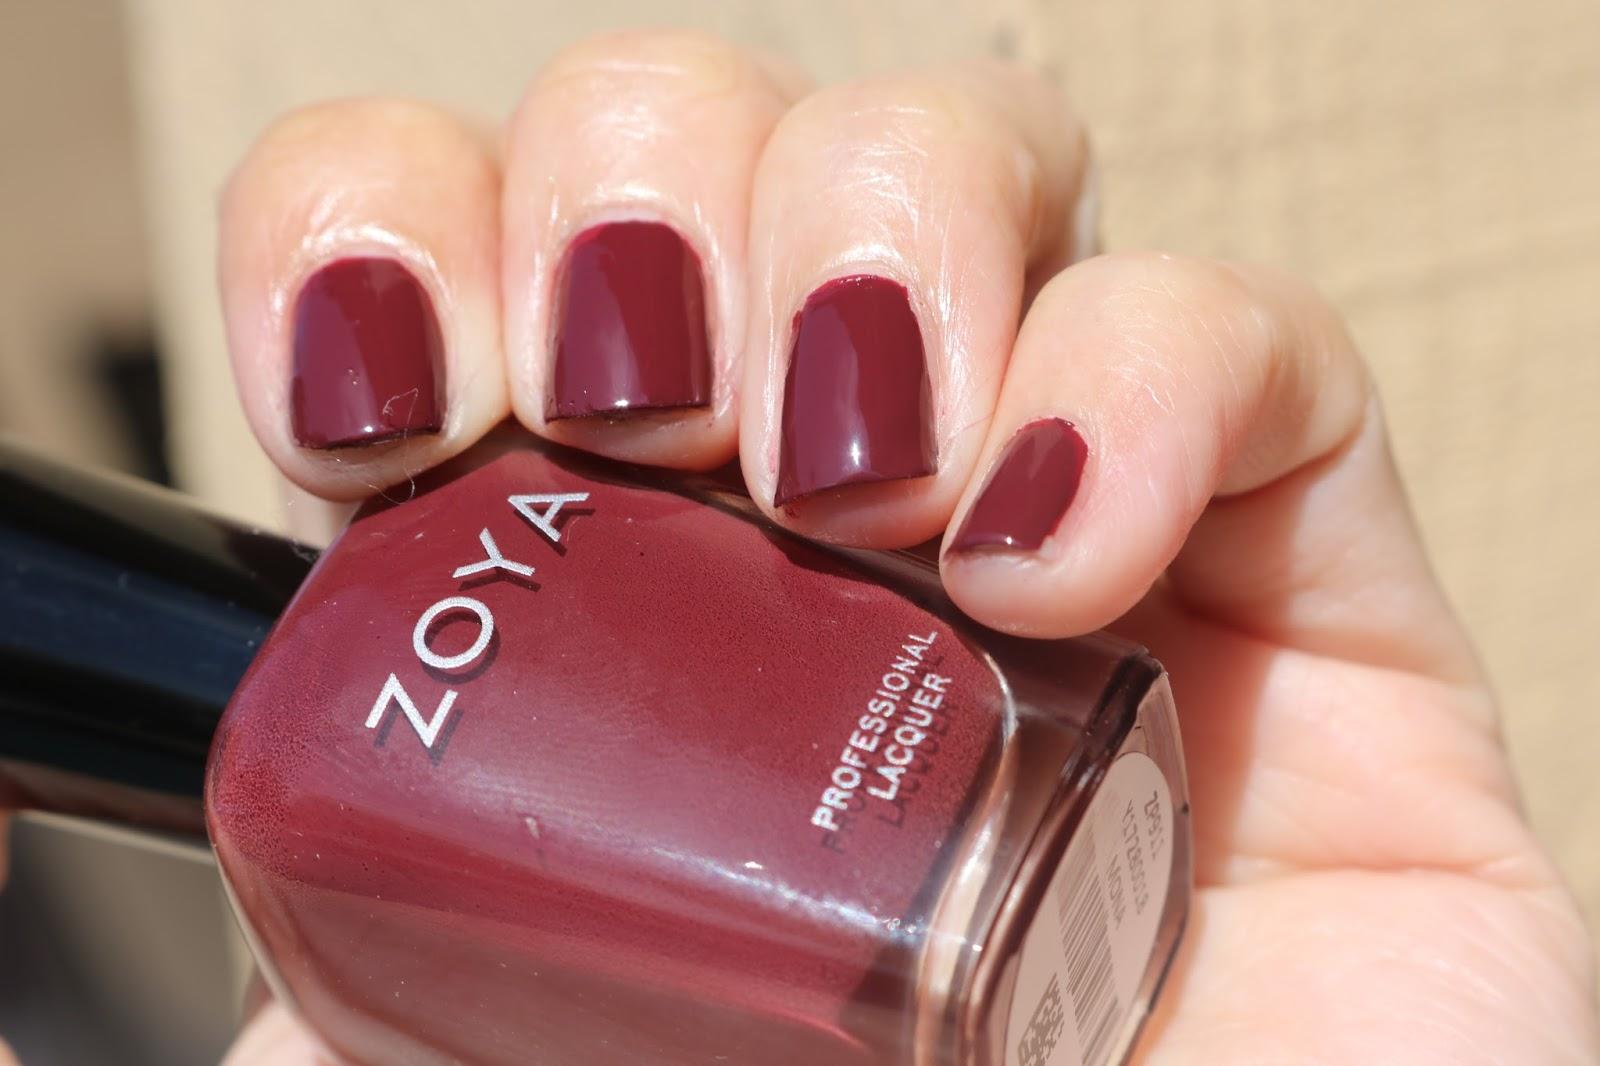 Zoya Mona